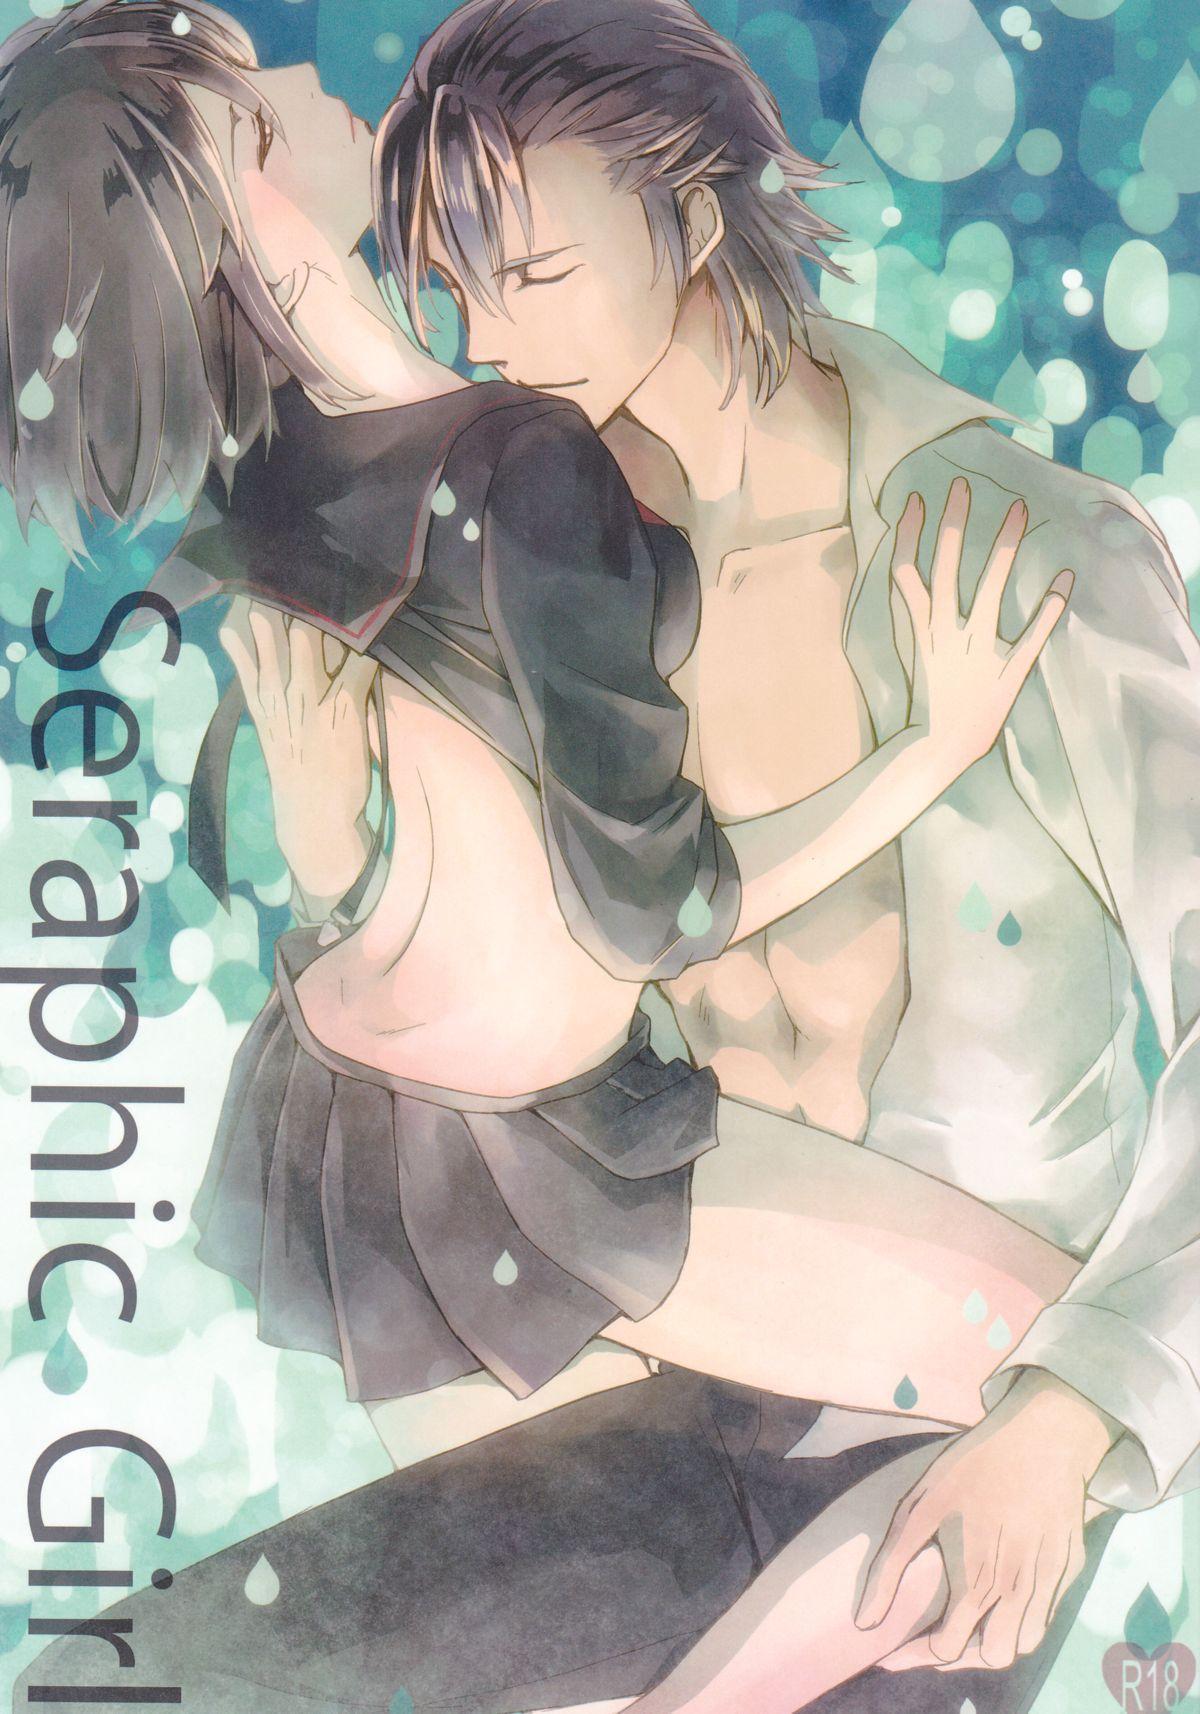 Seraphic Girl 0